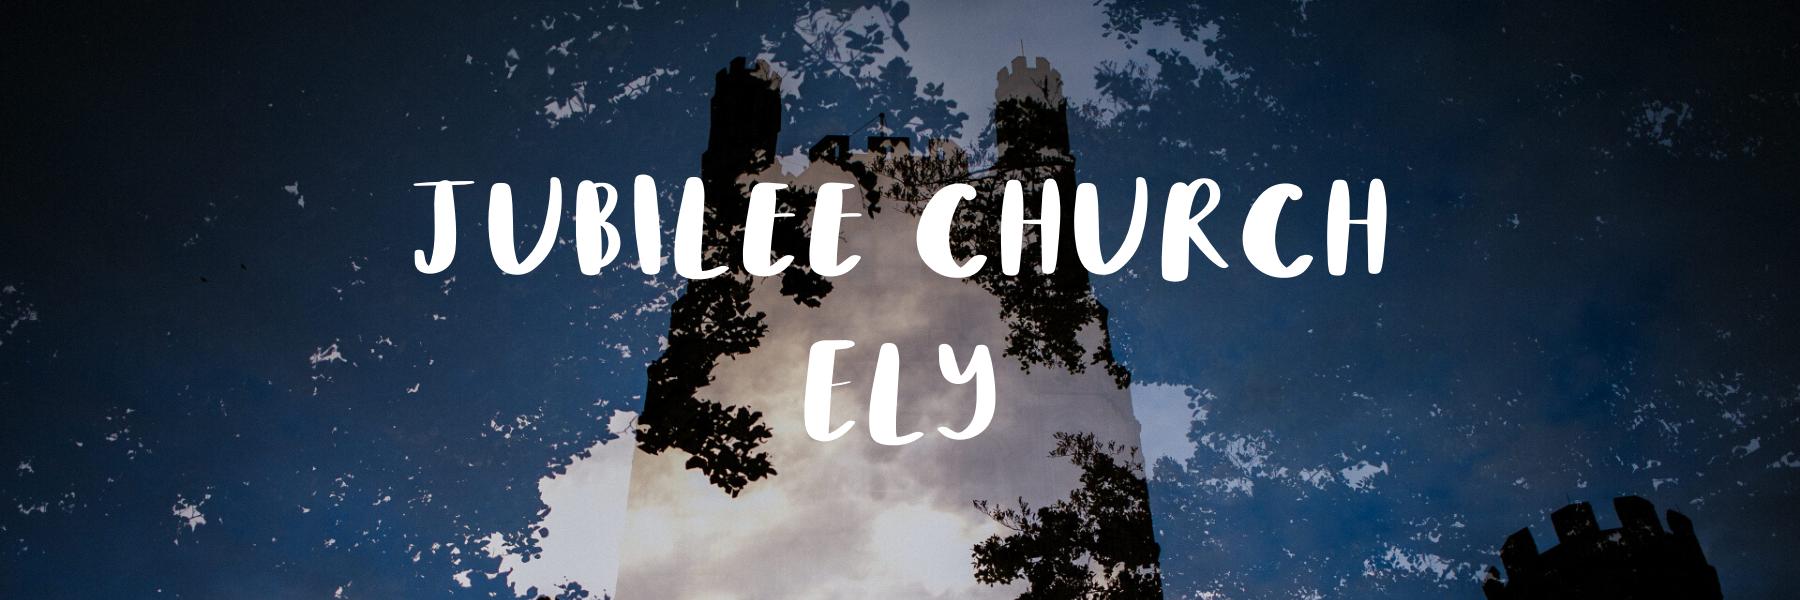 Jubilee Church Ely